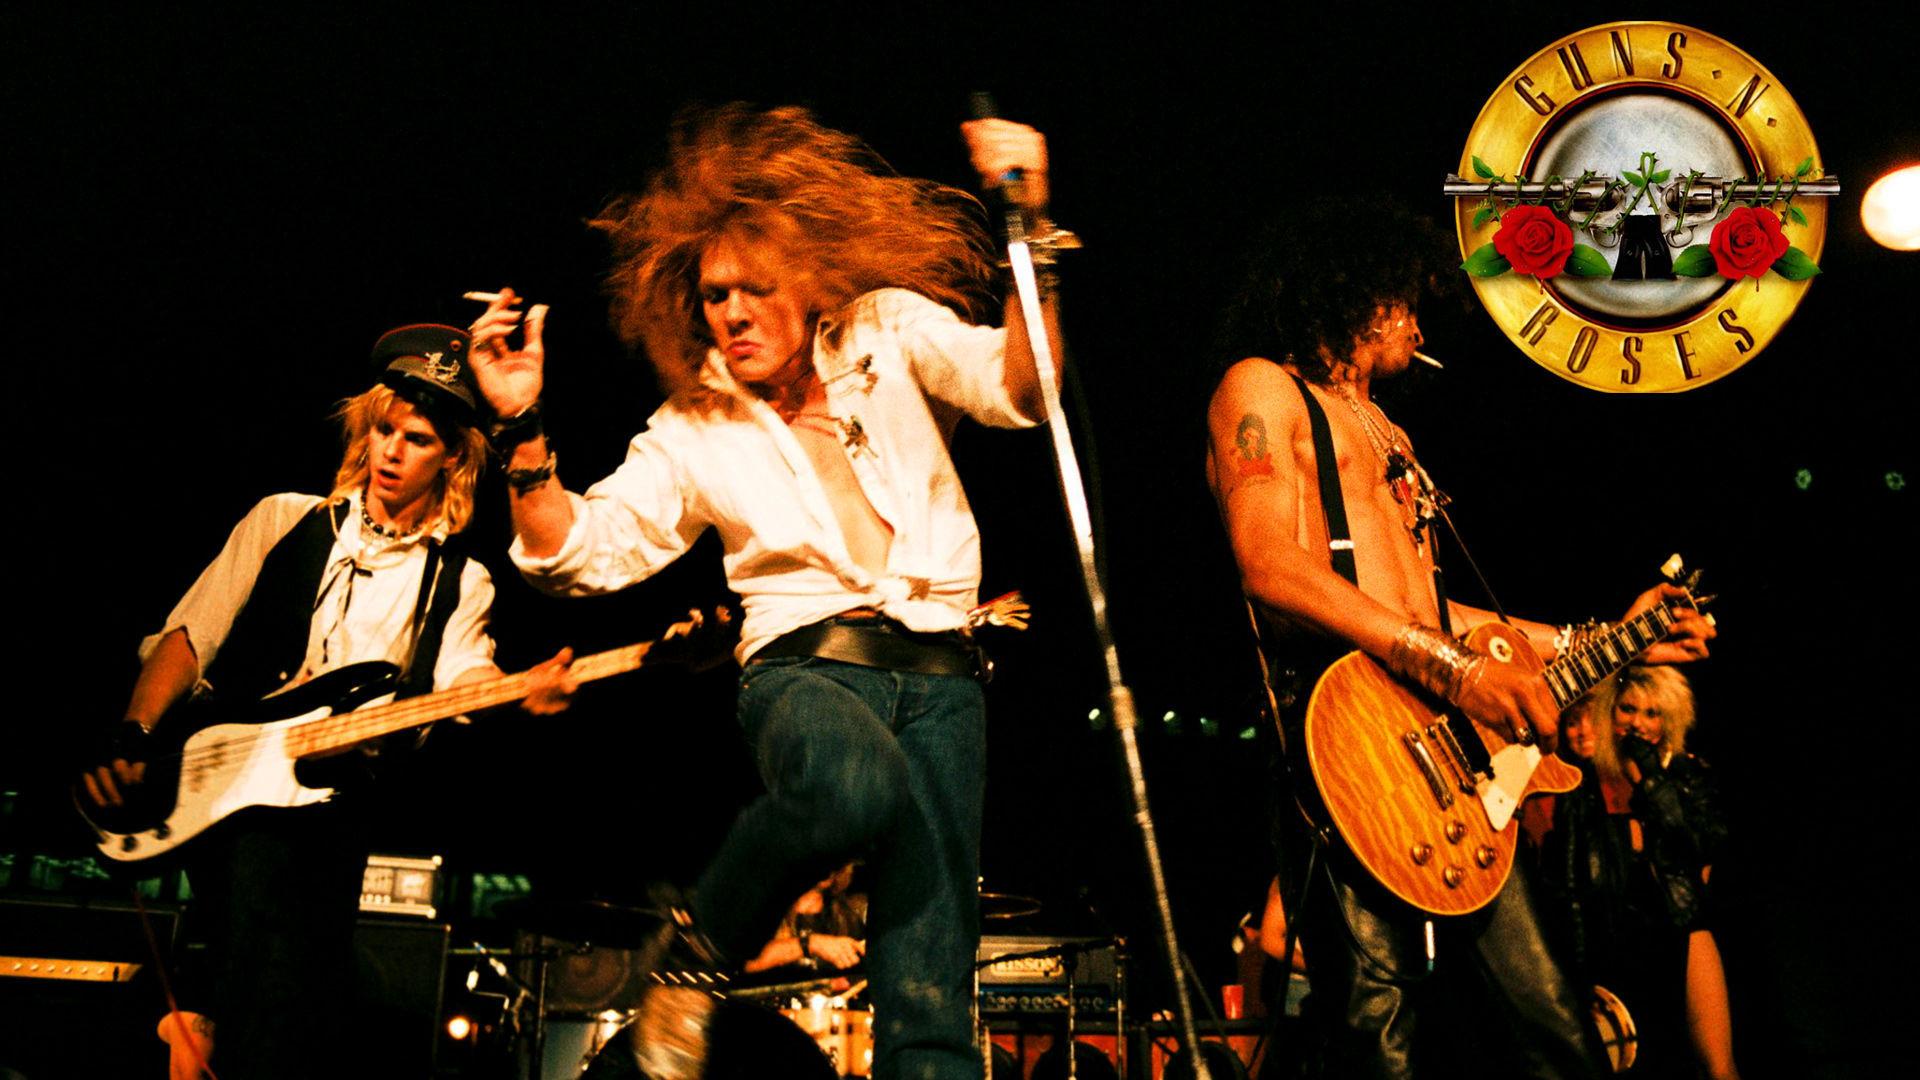 ¿Cuántos integrantes había en la formación original (Appetite for Destruction)?